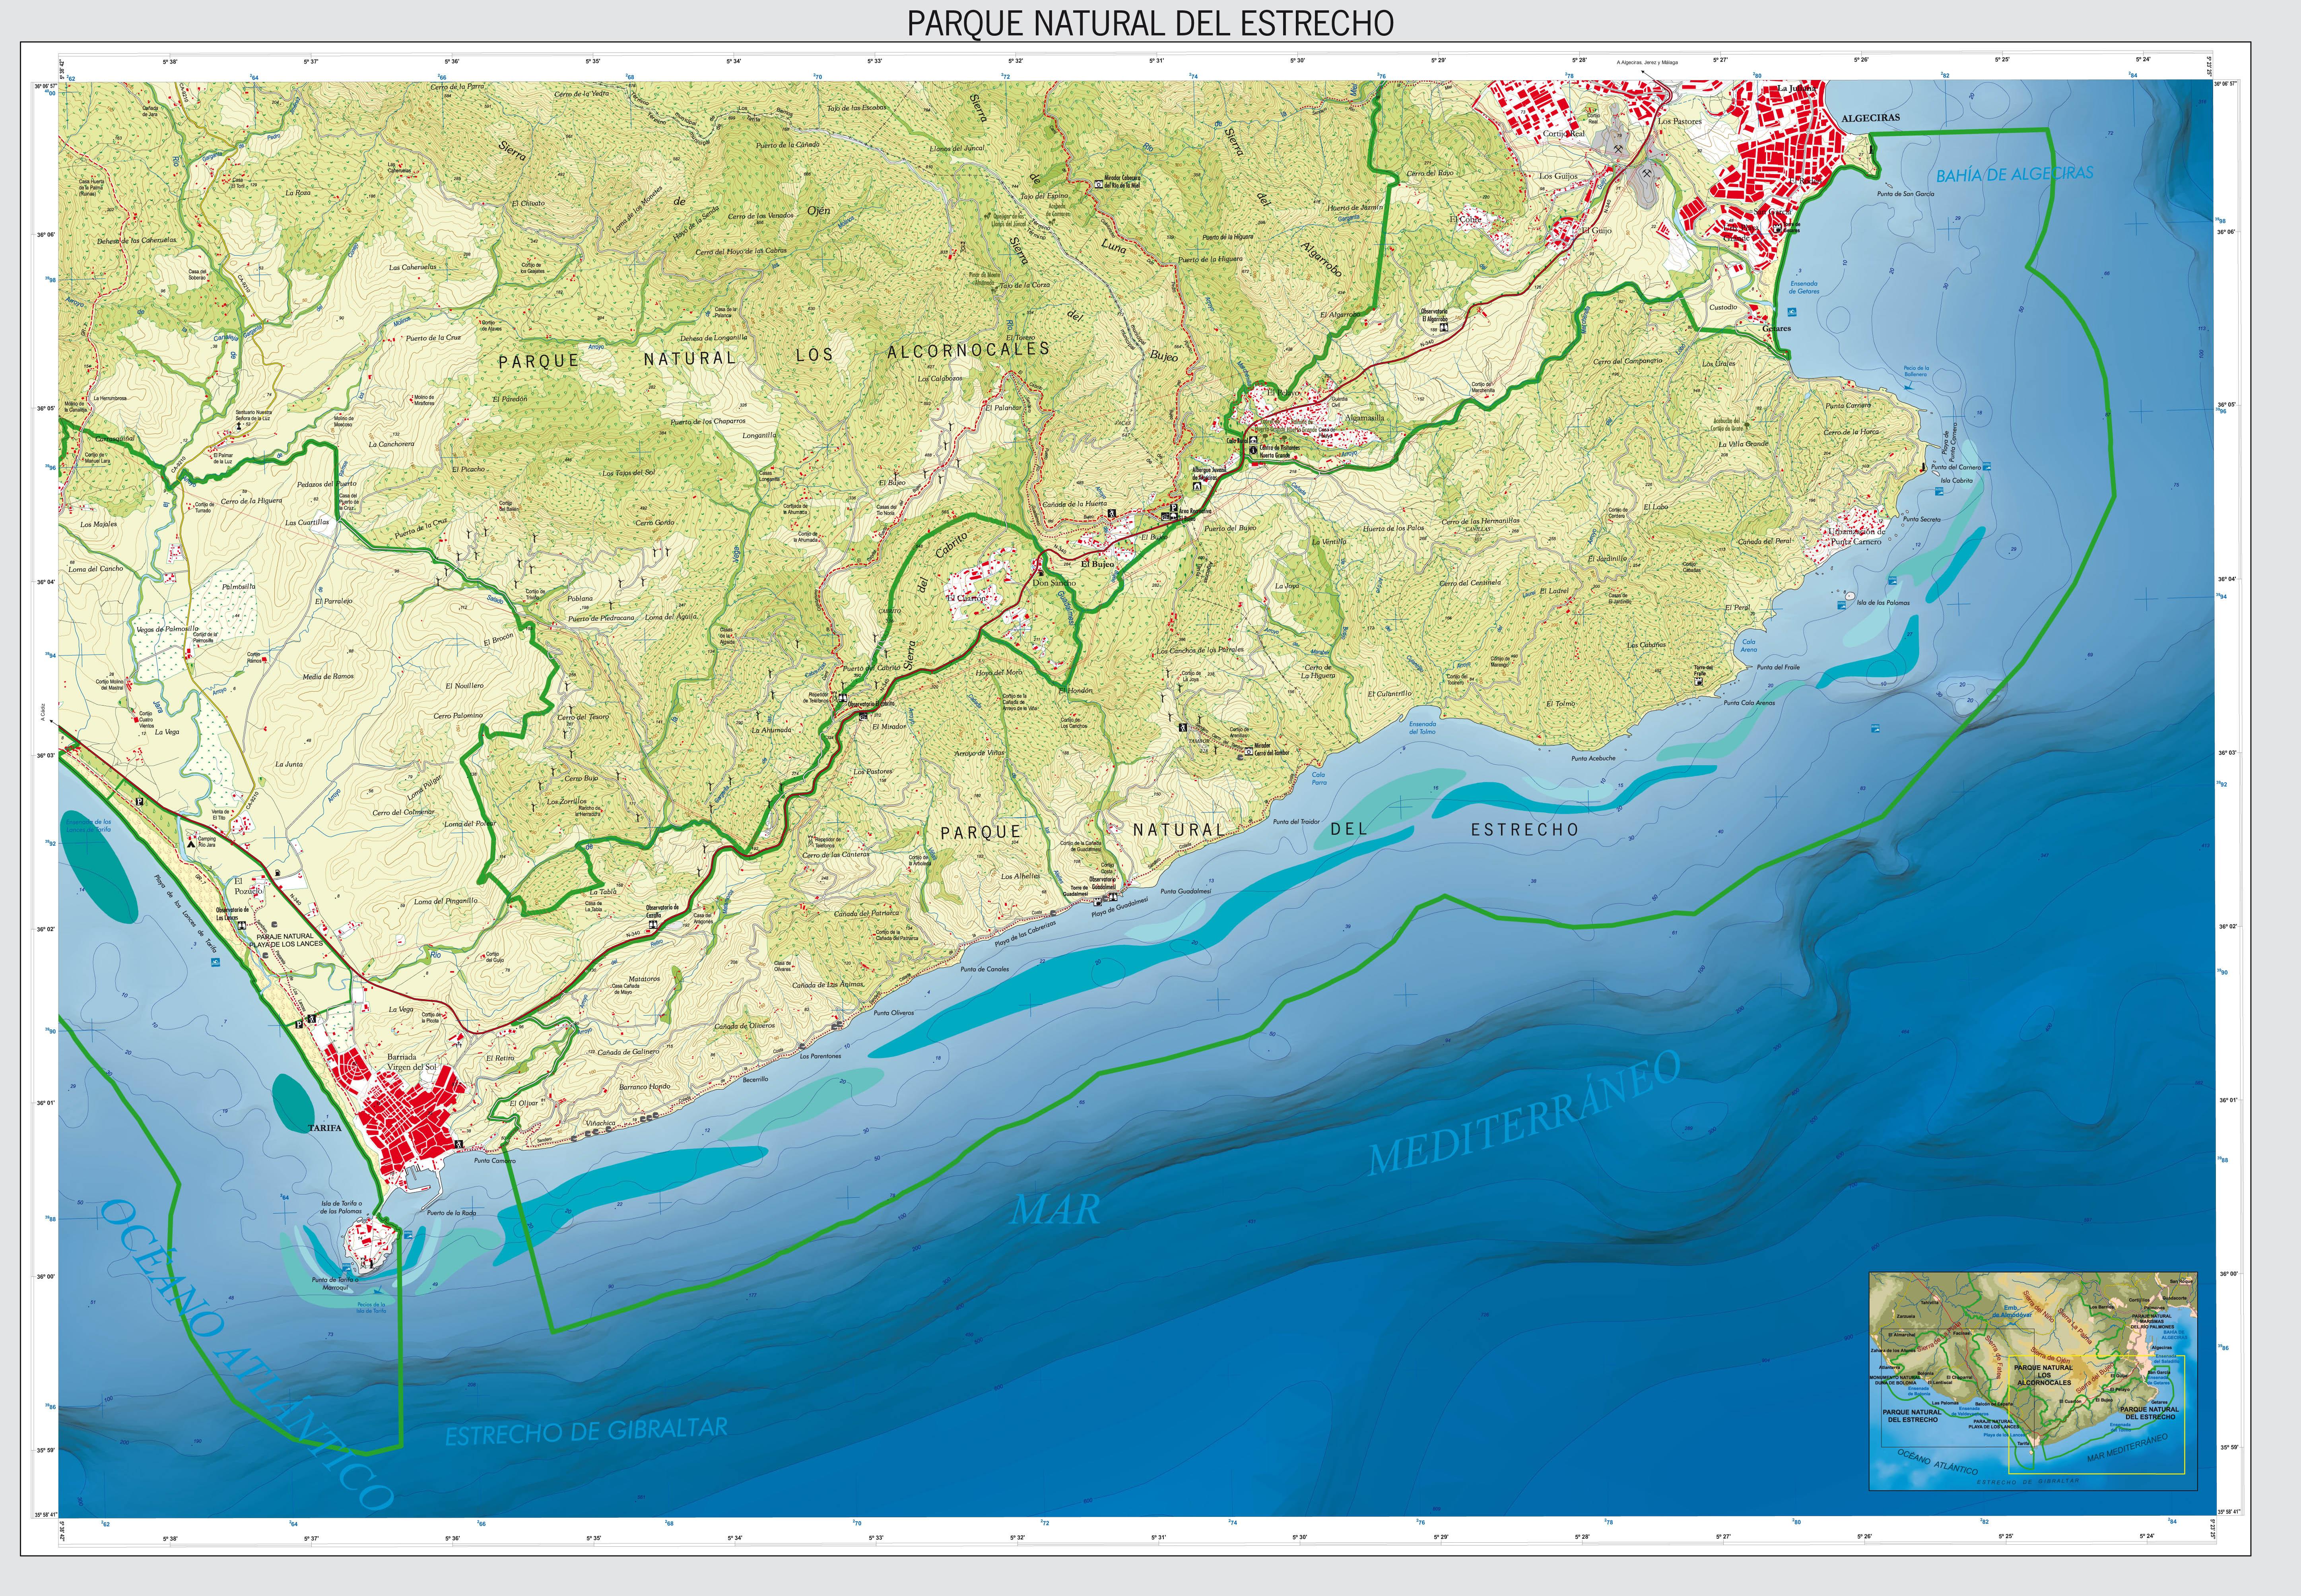 Eastern zone of El Estrecho Natural Park 2008